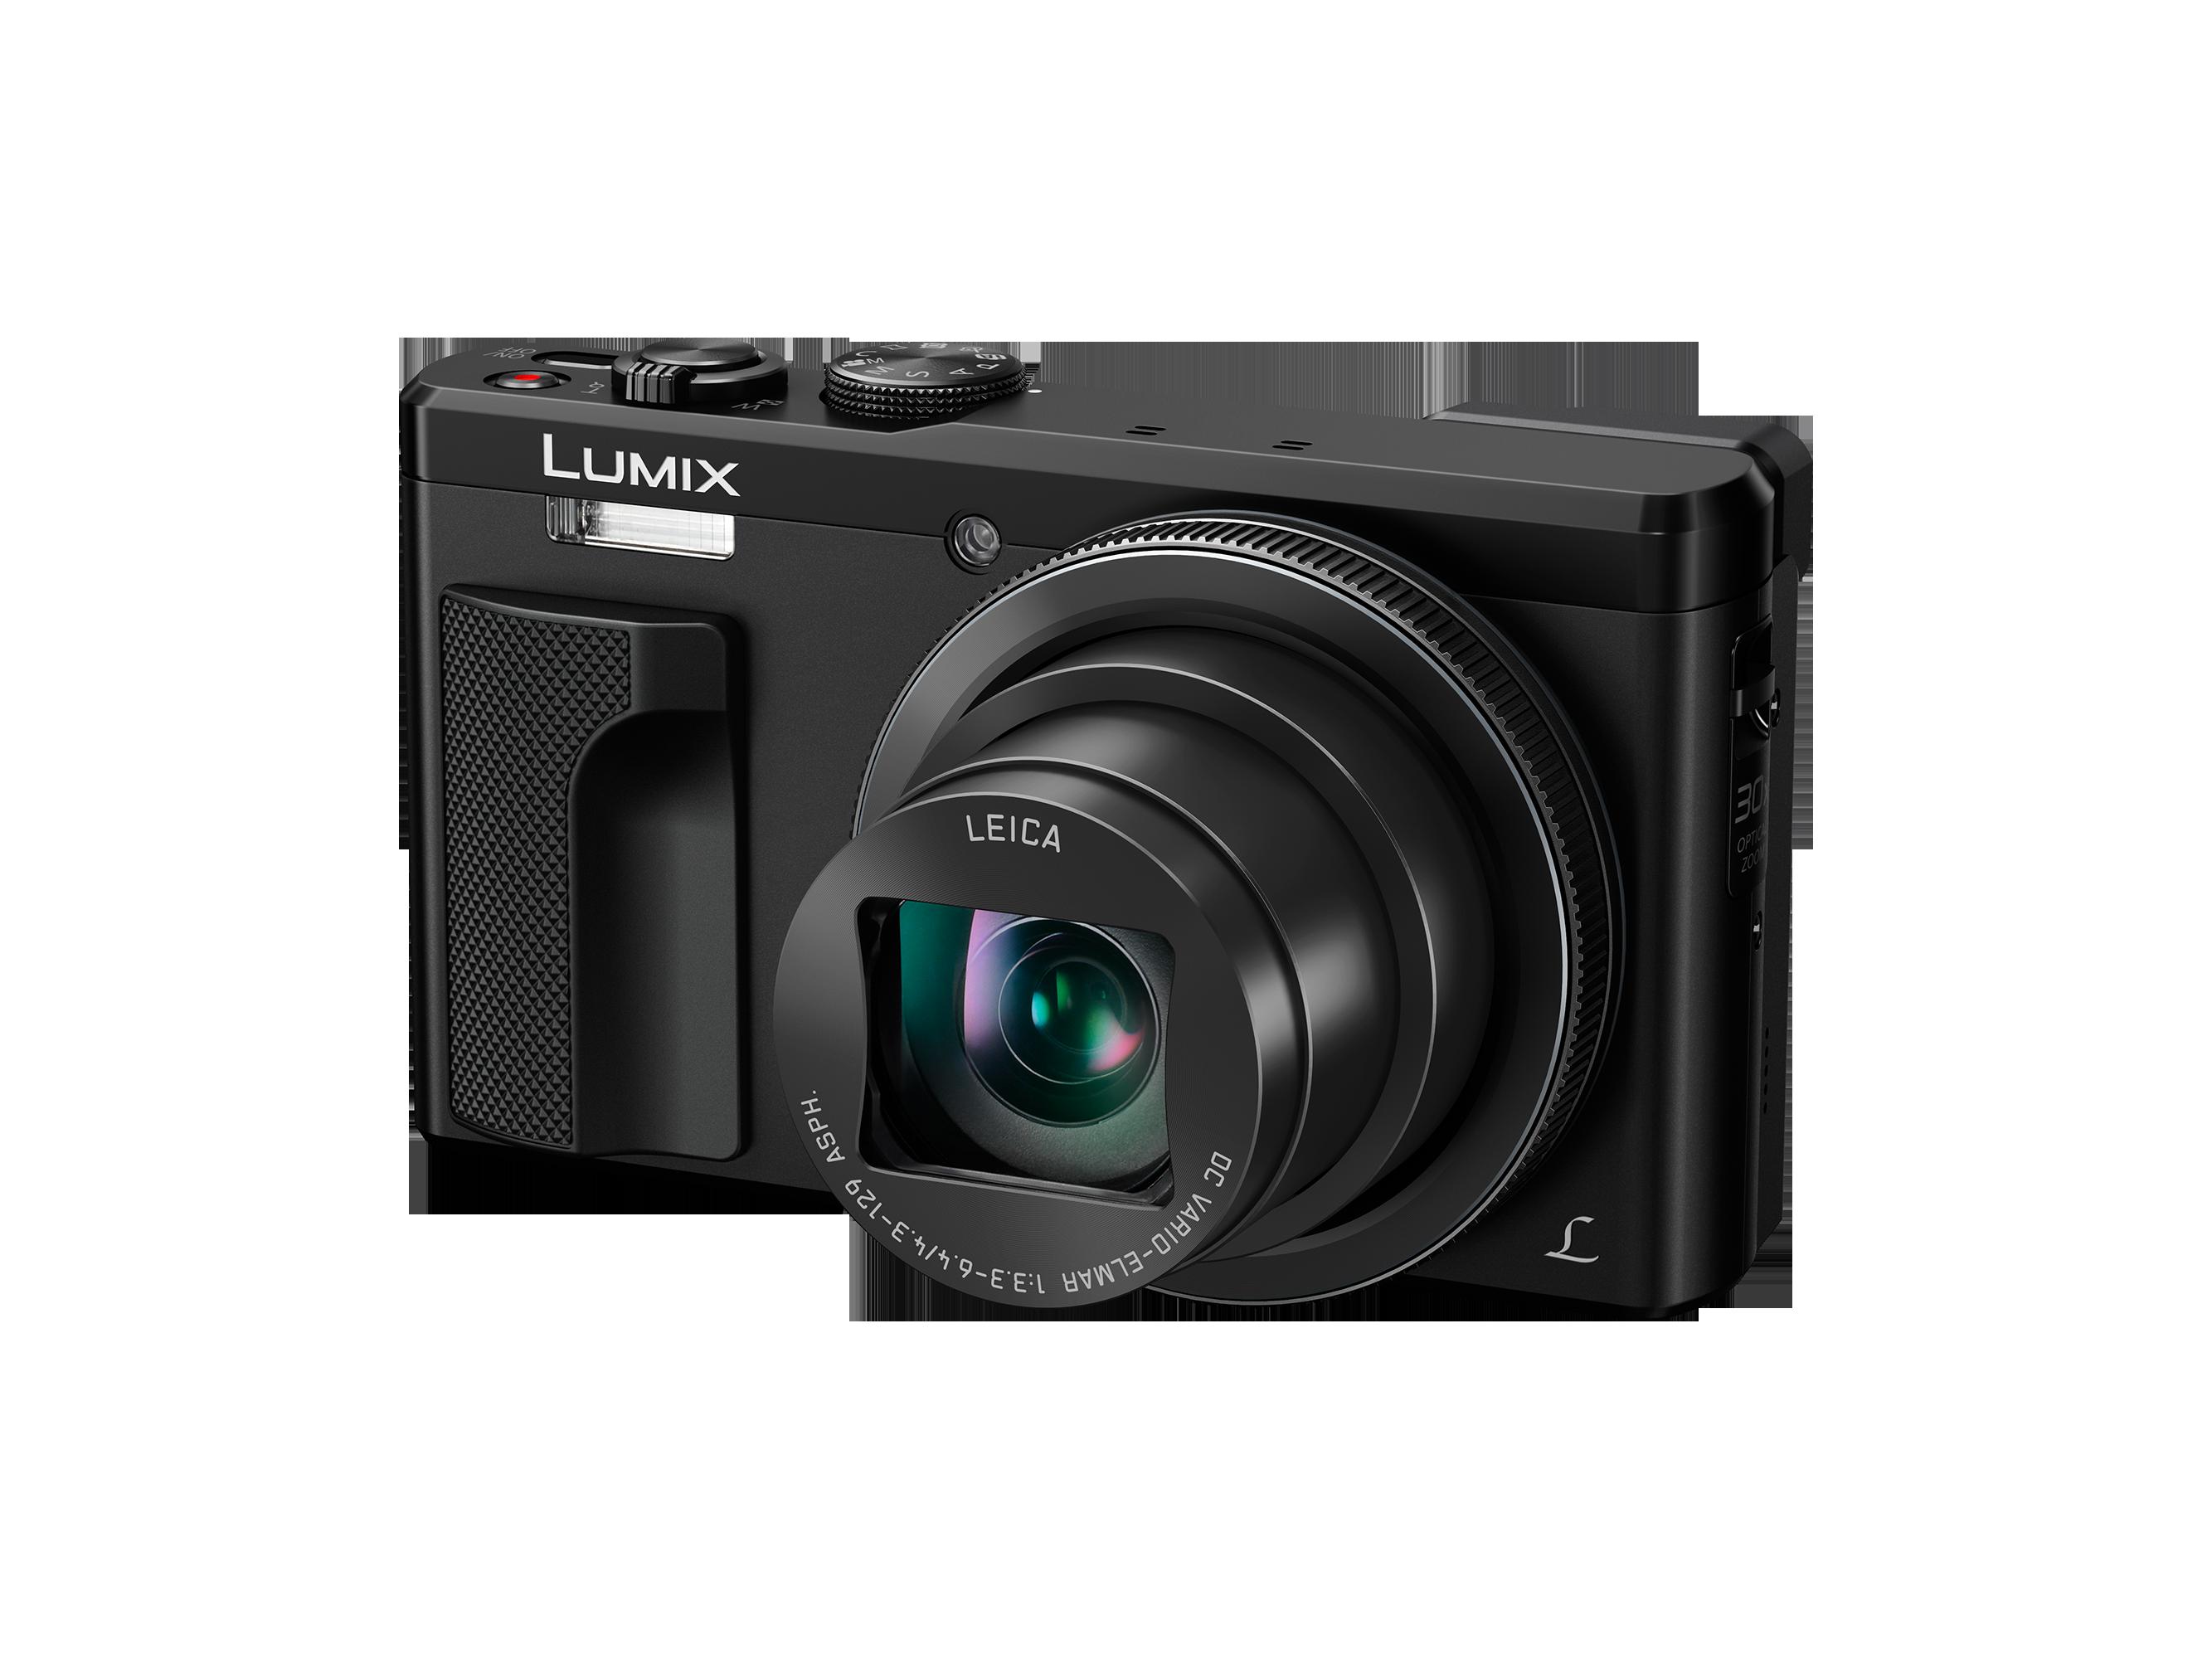 Appareil photo numérique Lumix DMC-TZ80 Panasonic Noir